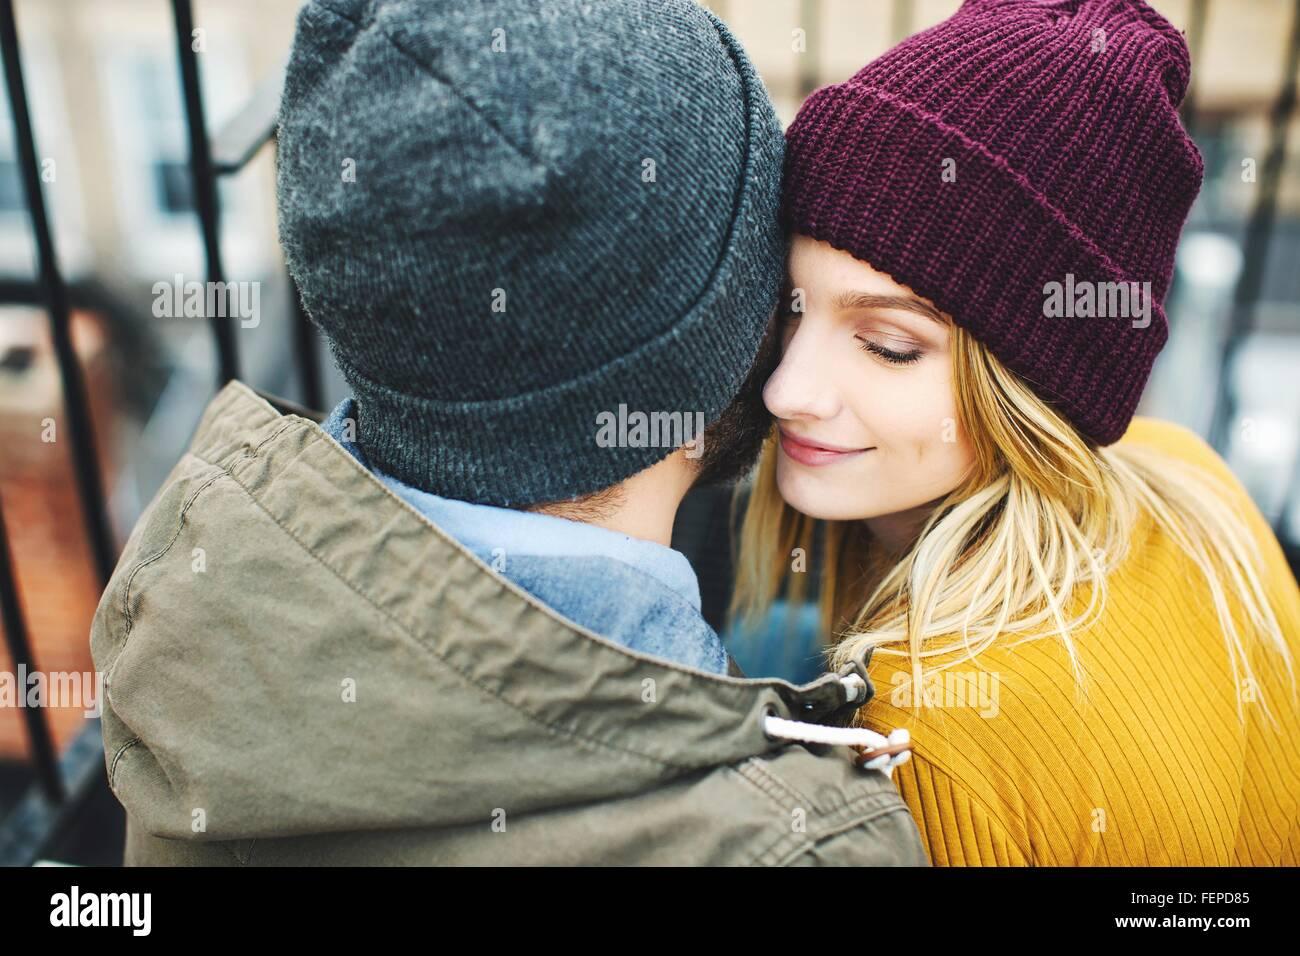 Romántica pareja joven portando sombreros tejidos sentados en la escalera Foto de stock